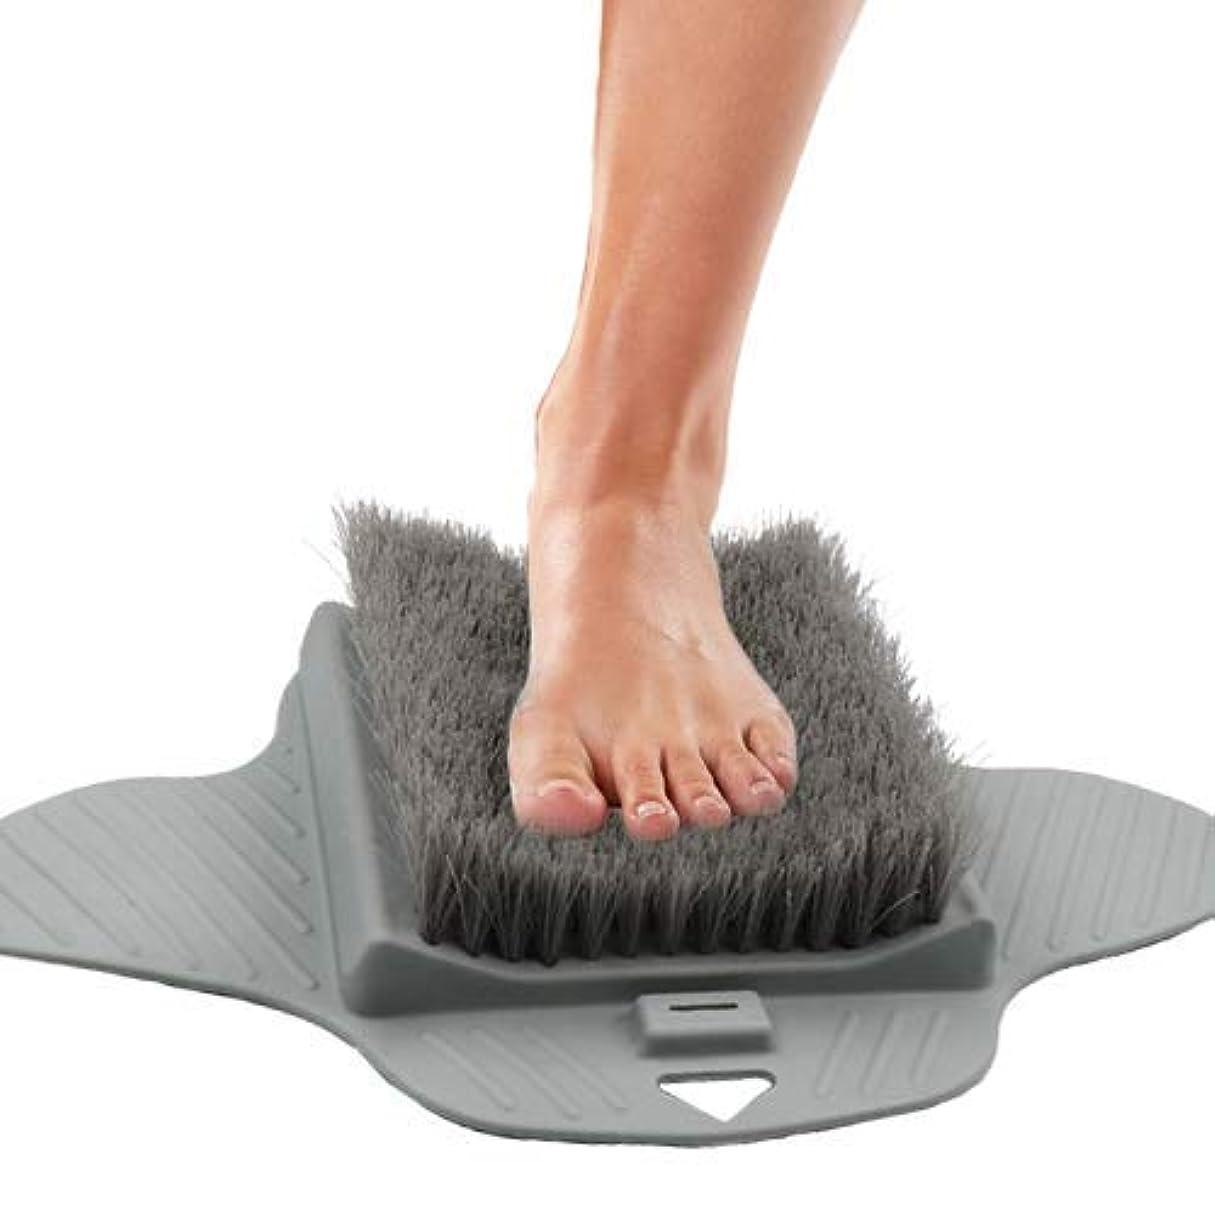 見落とす教競争力のあるJhua 足の裏とカルスを掃除するためのシャワーフットスクラバーバスタブフロアブラシ-滑り止め吸引カップ、指圧マッサージマットフットクリーナー